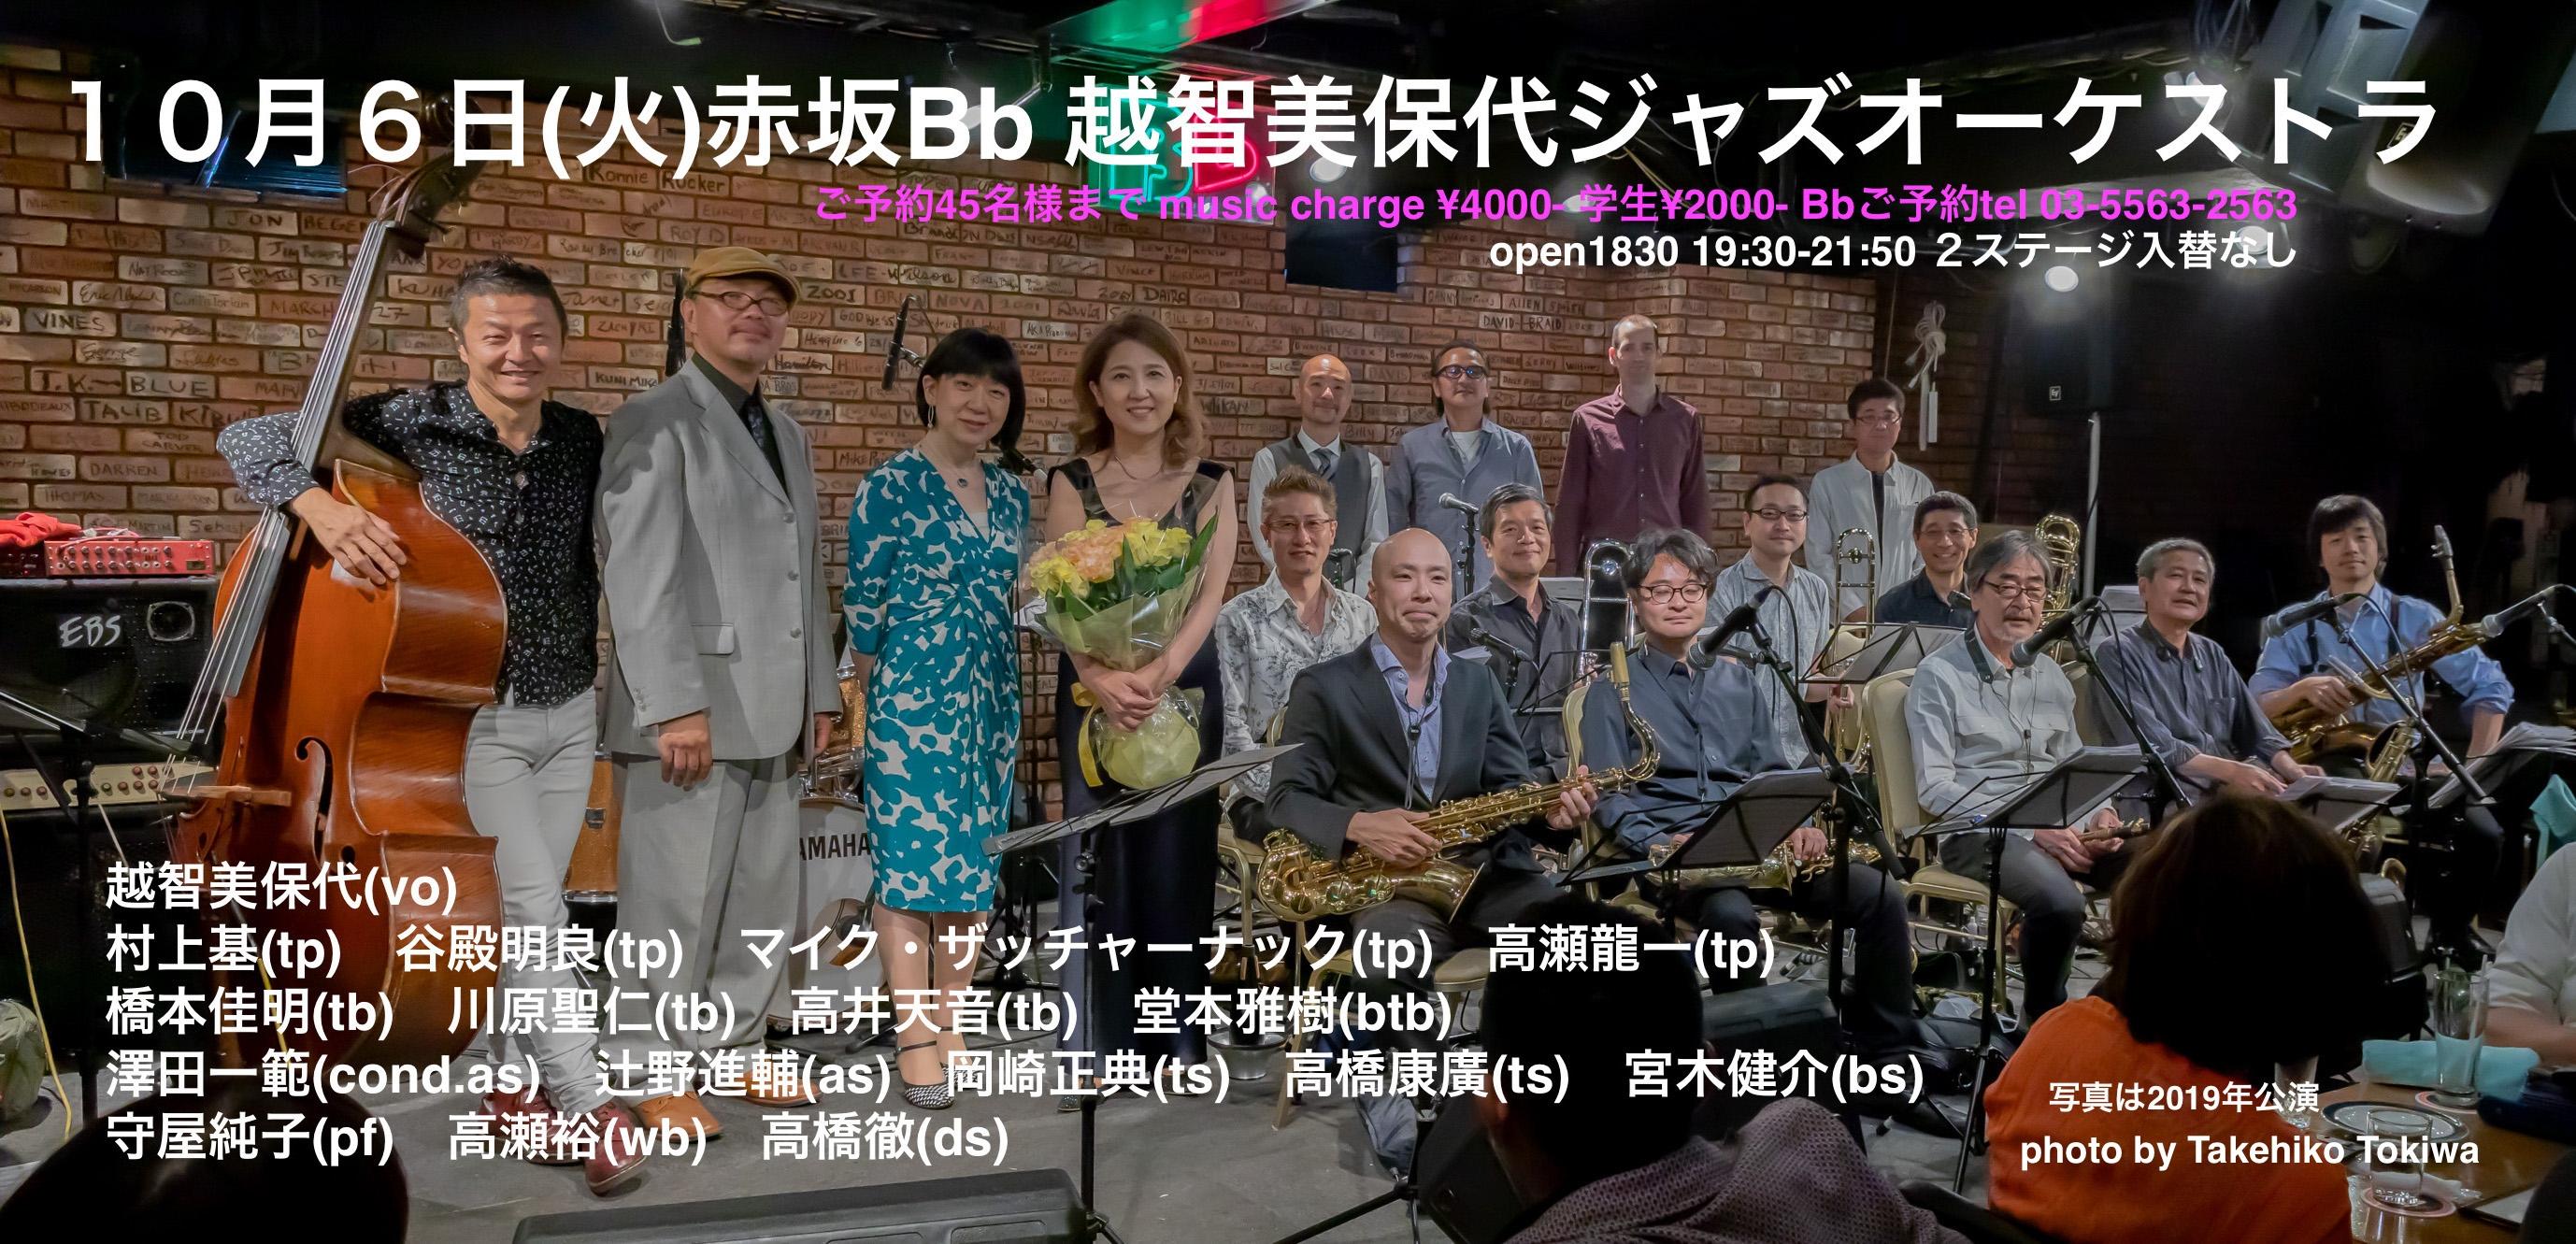 10/6(火)越智美保代ジャズオーケストラ@赤坂ビーフラット